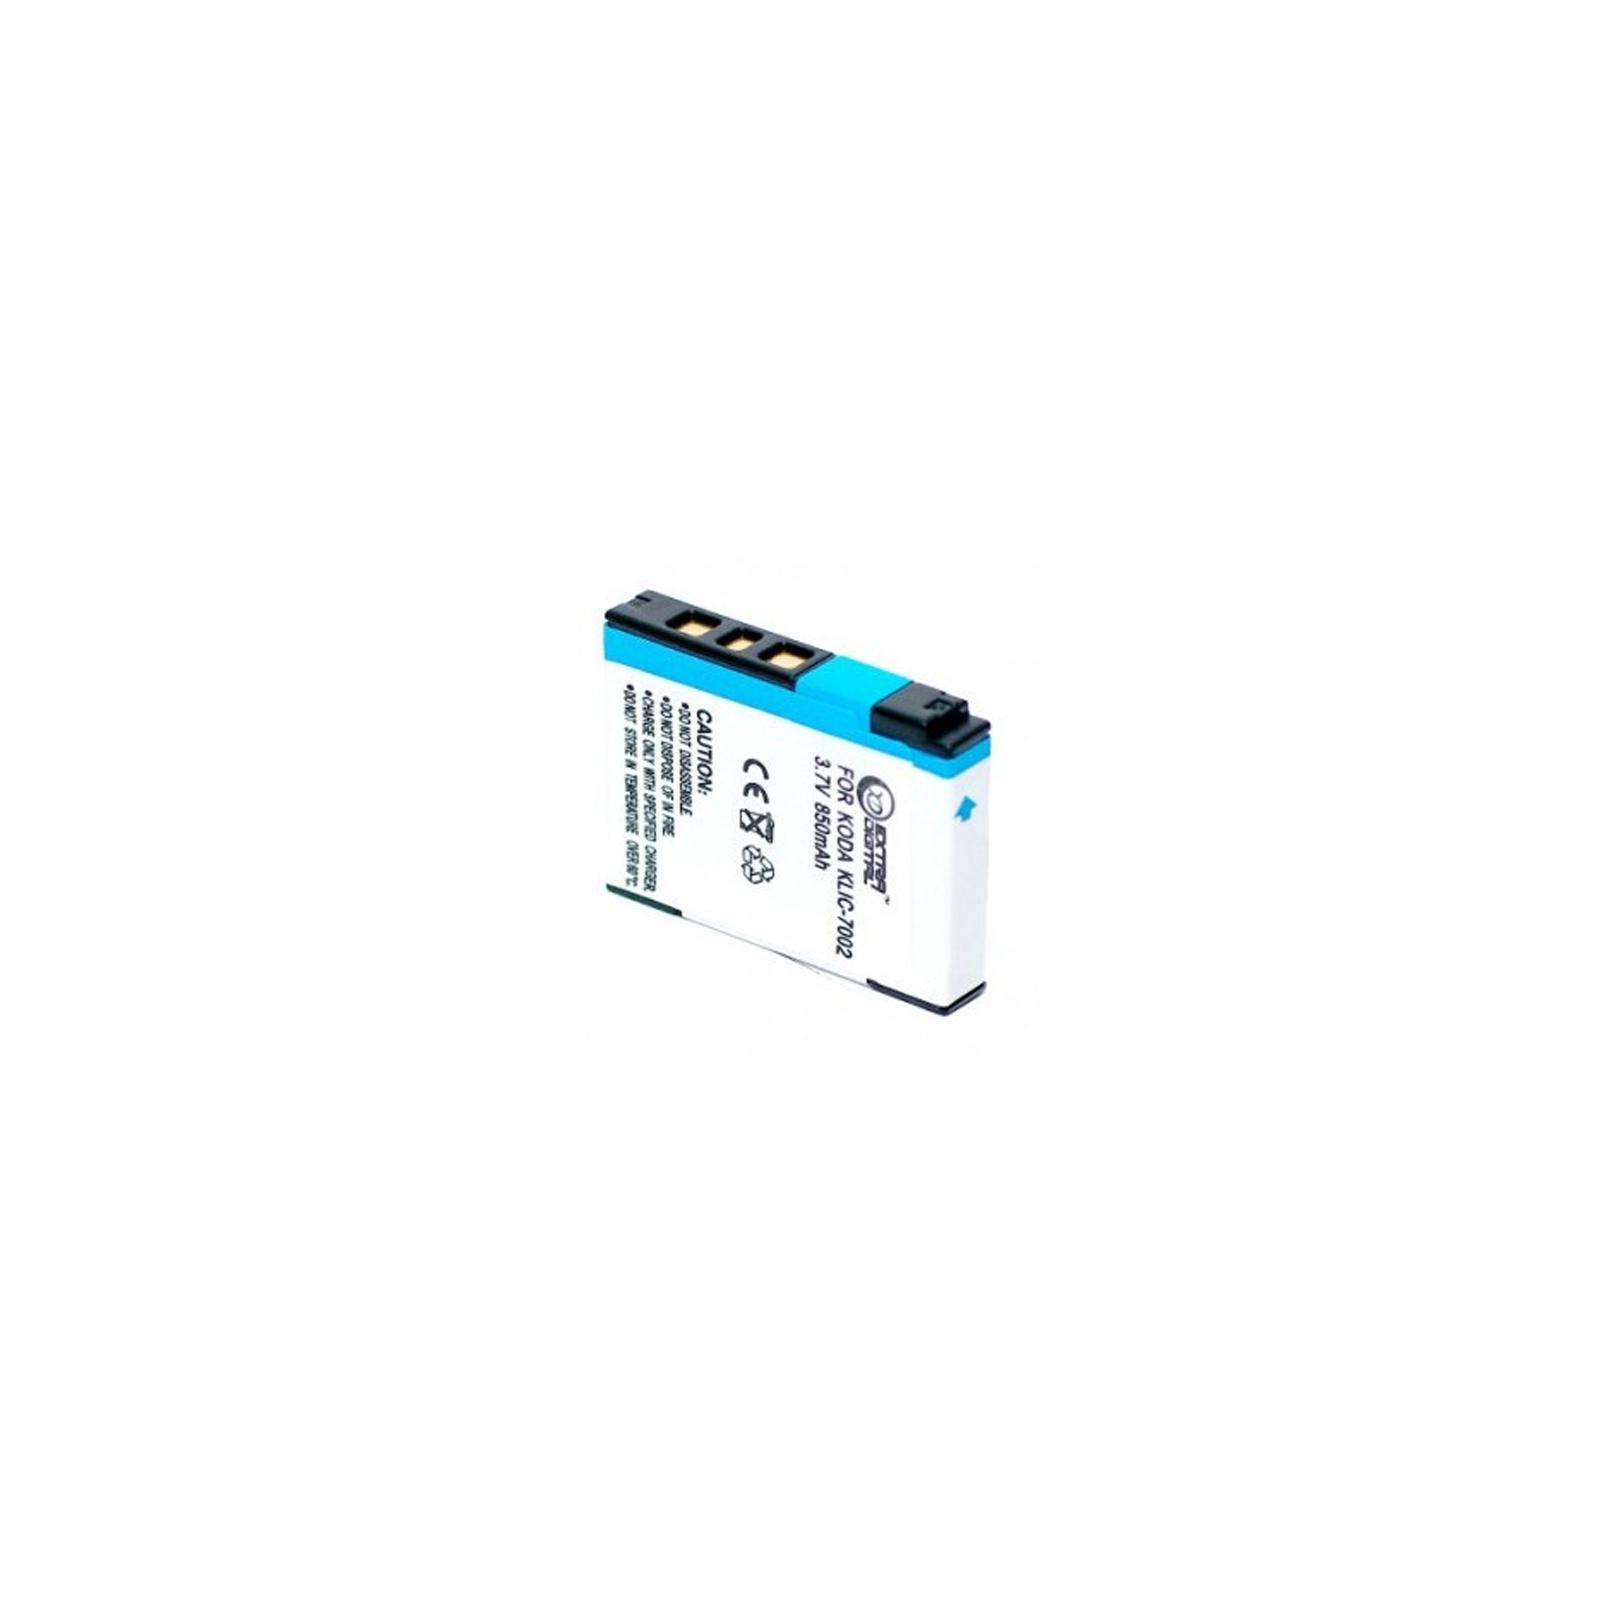 Аккумулятор к фото/видео EXTRADIGITAL Kodak KLIC-7002 (DV00DV1154) изображение 2